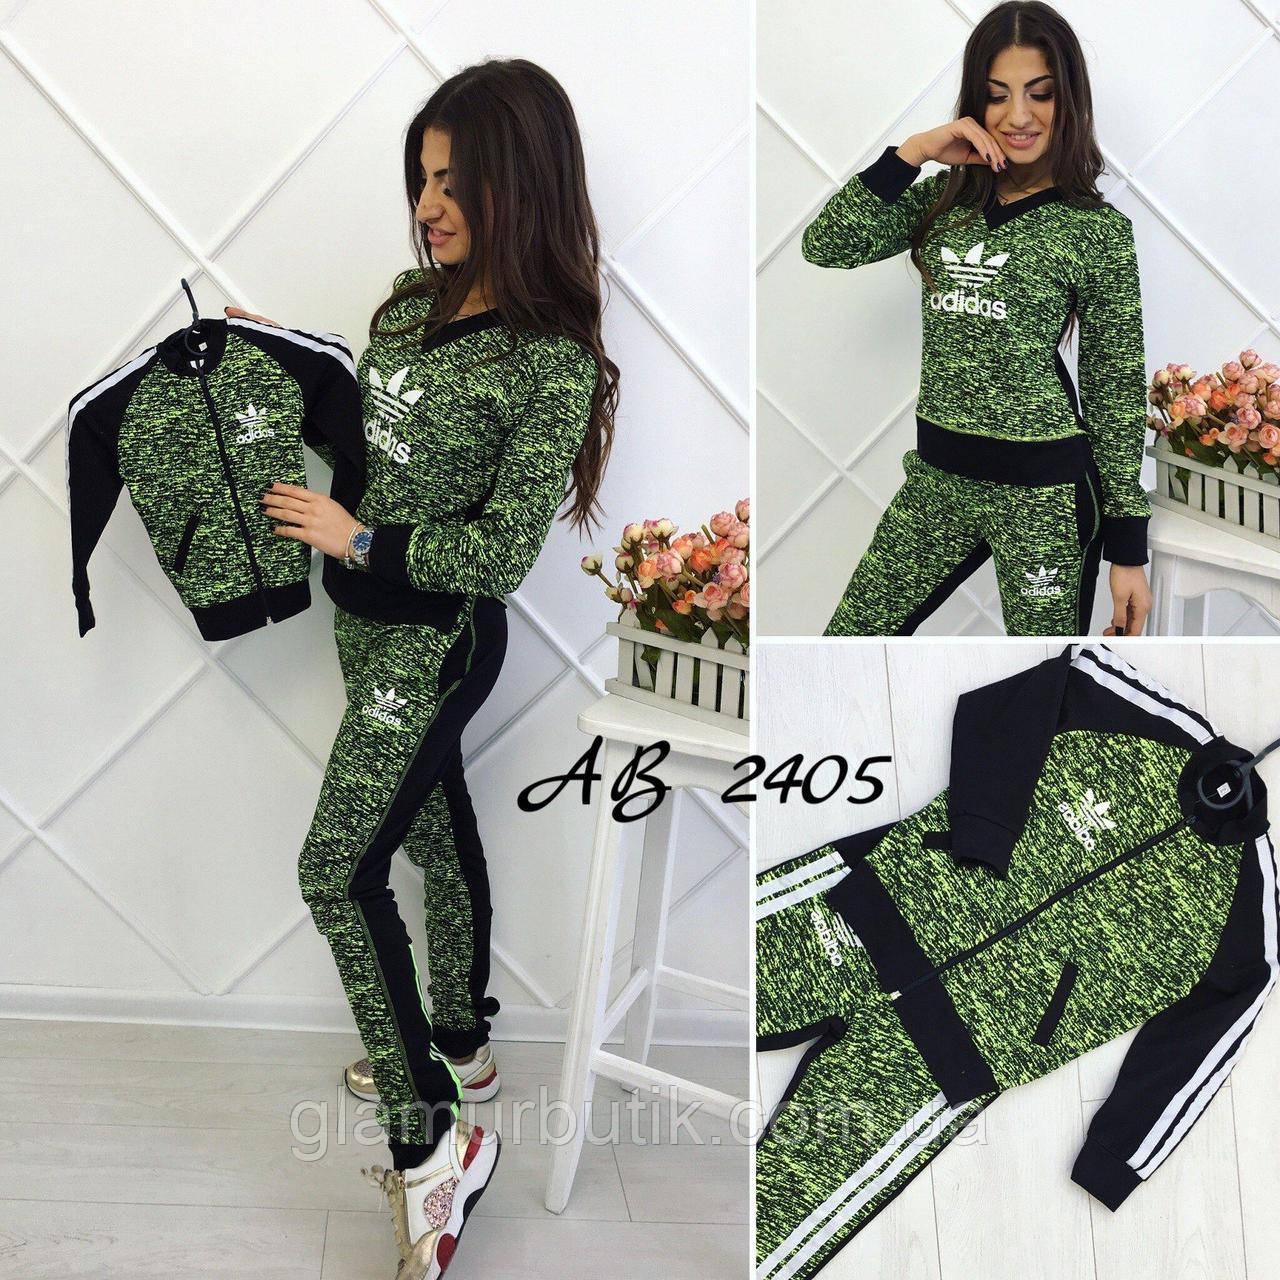 8a3b4311fec Спортивный костюм Adidas мама S M L ребёнок детский 3 4 5 6 лет зелёный  салатовый L -